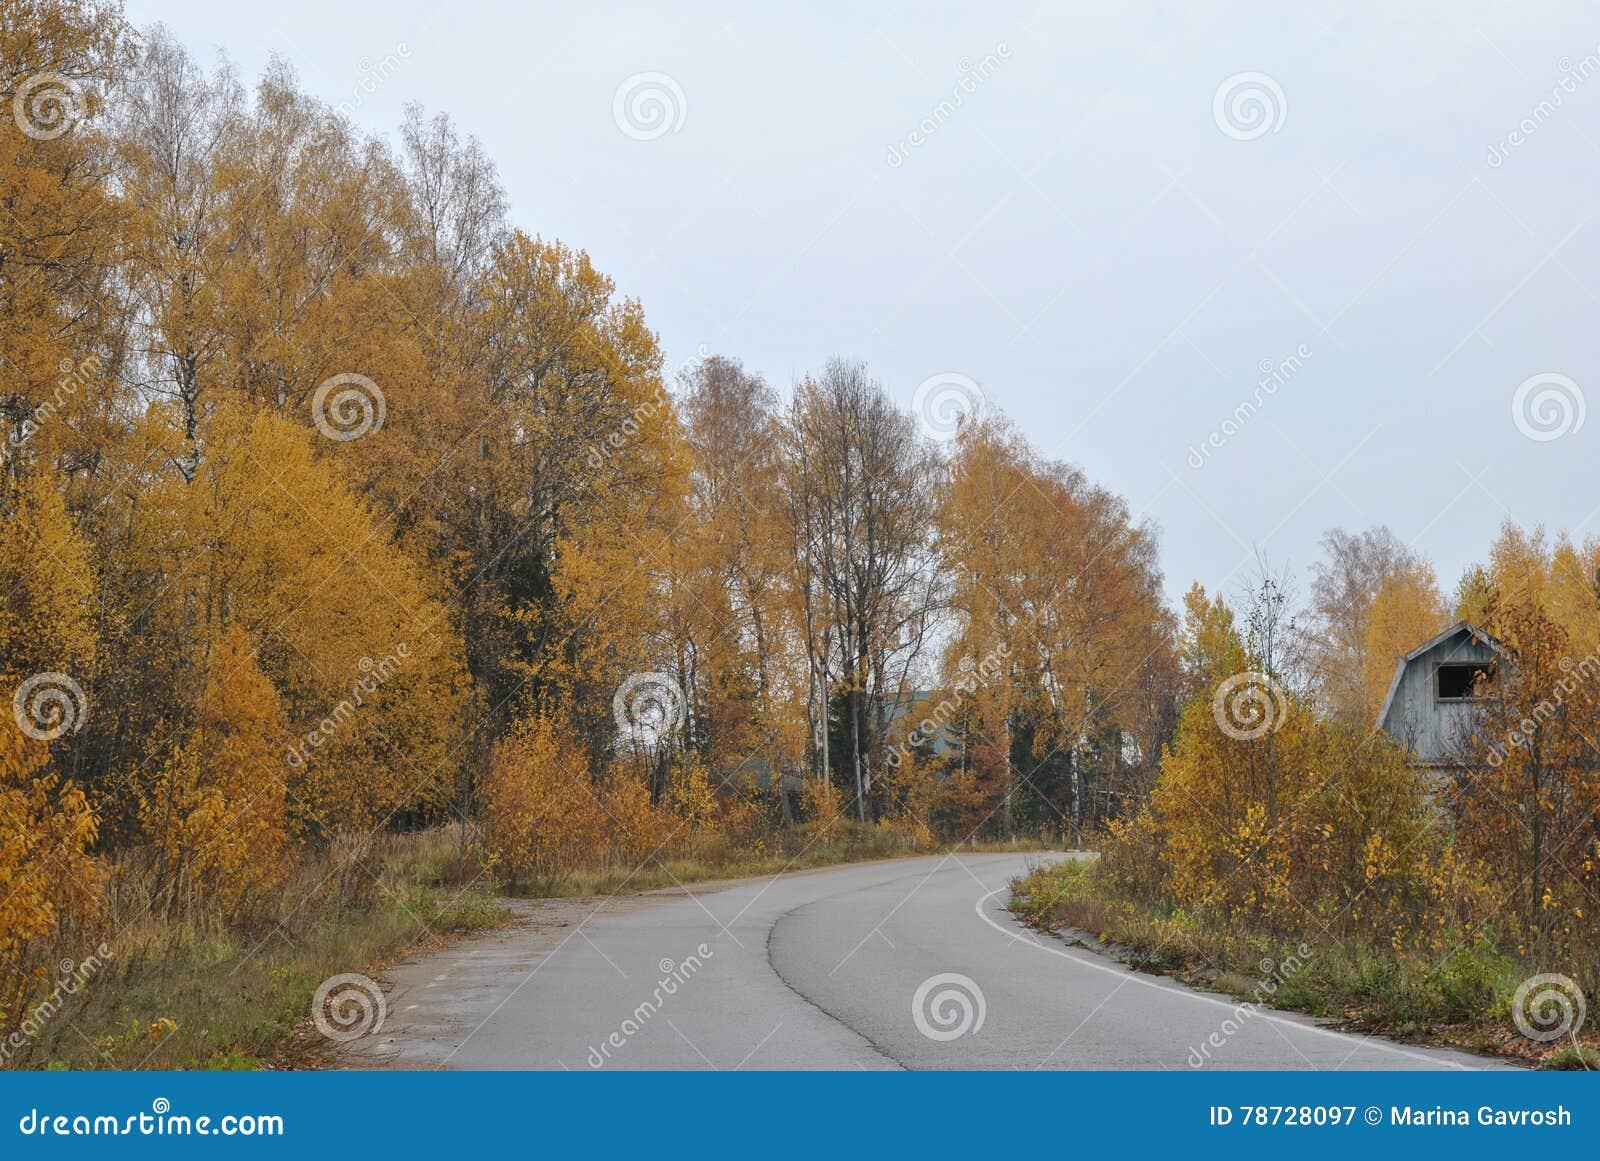 Lantligt landskap för höst: vägen i skogen